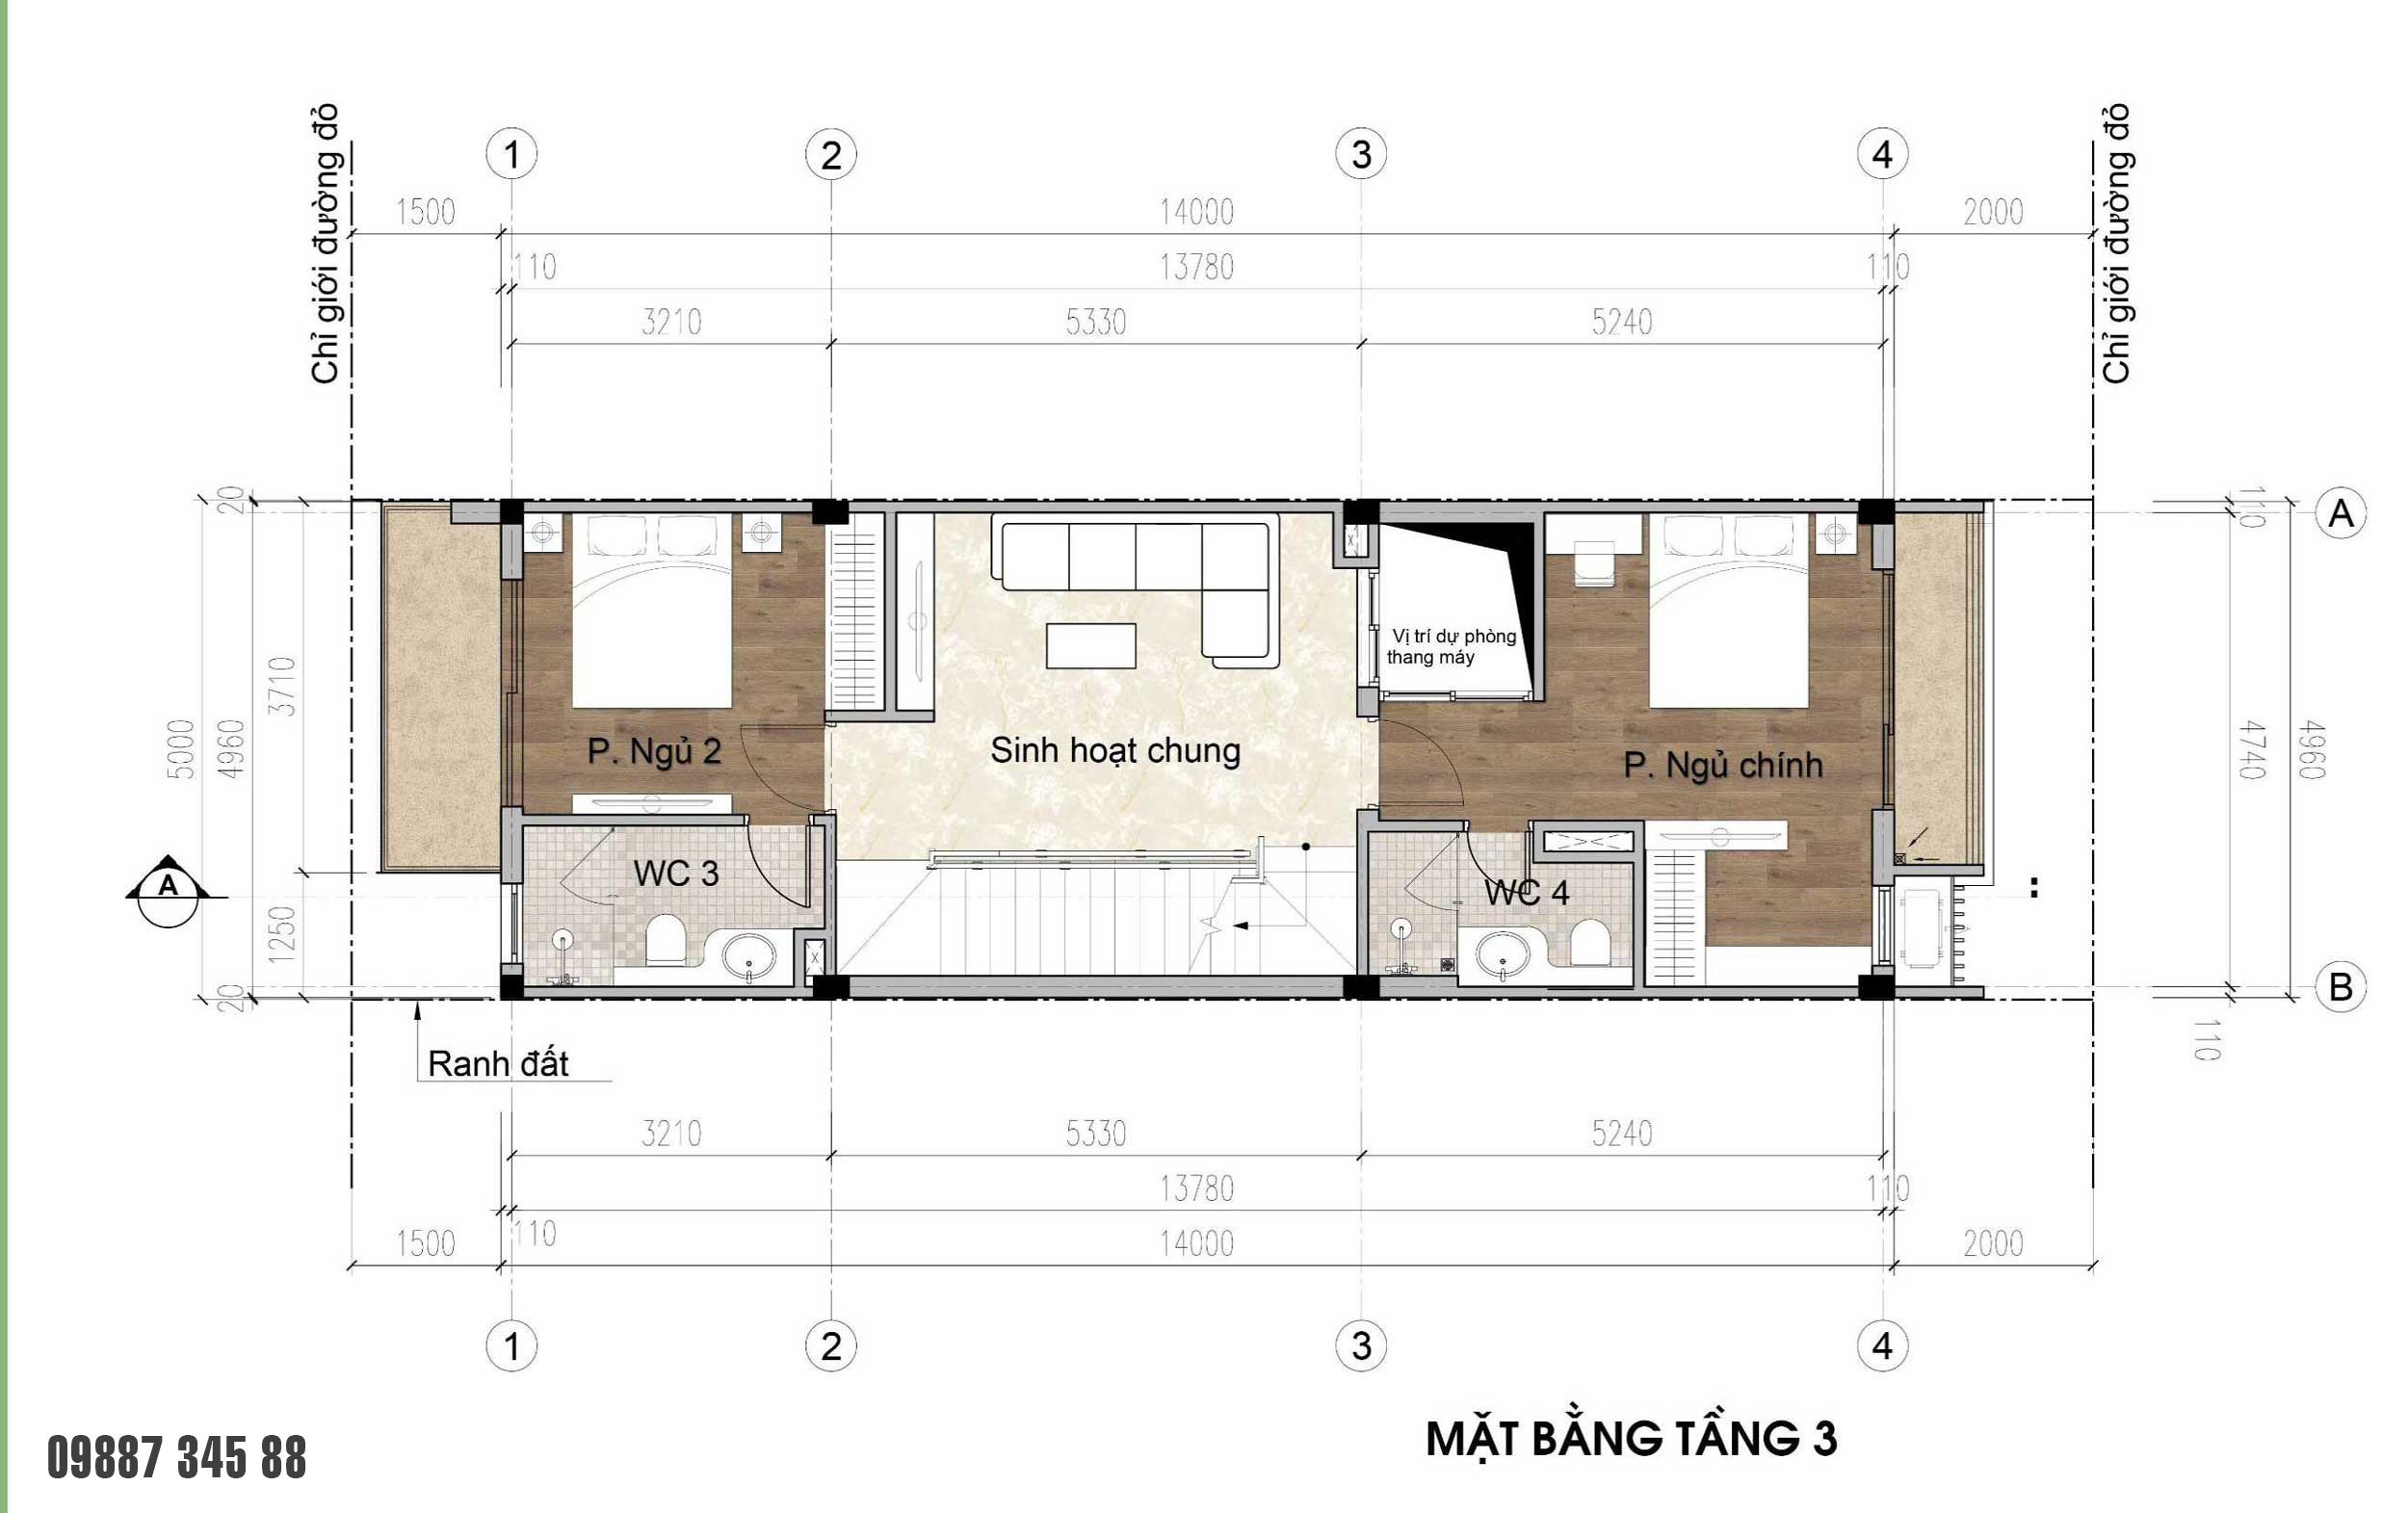 Mặt bằng tầng 3 - nhà phố vườn Thủy Trúc(5x17,5m)